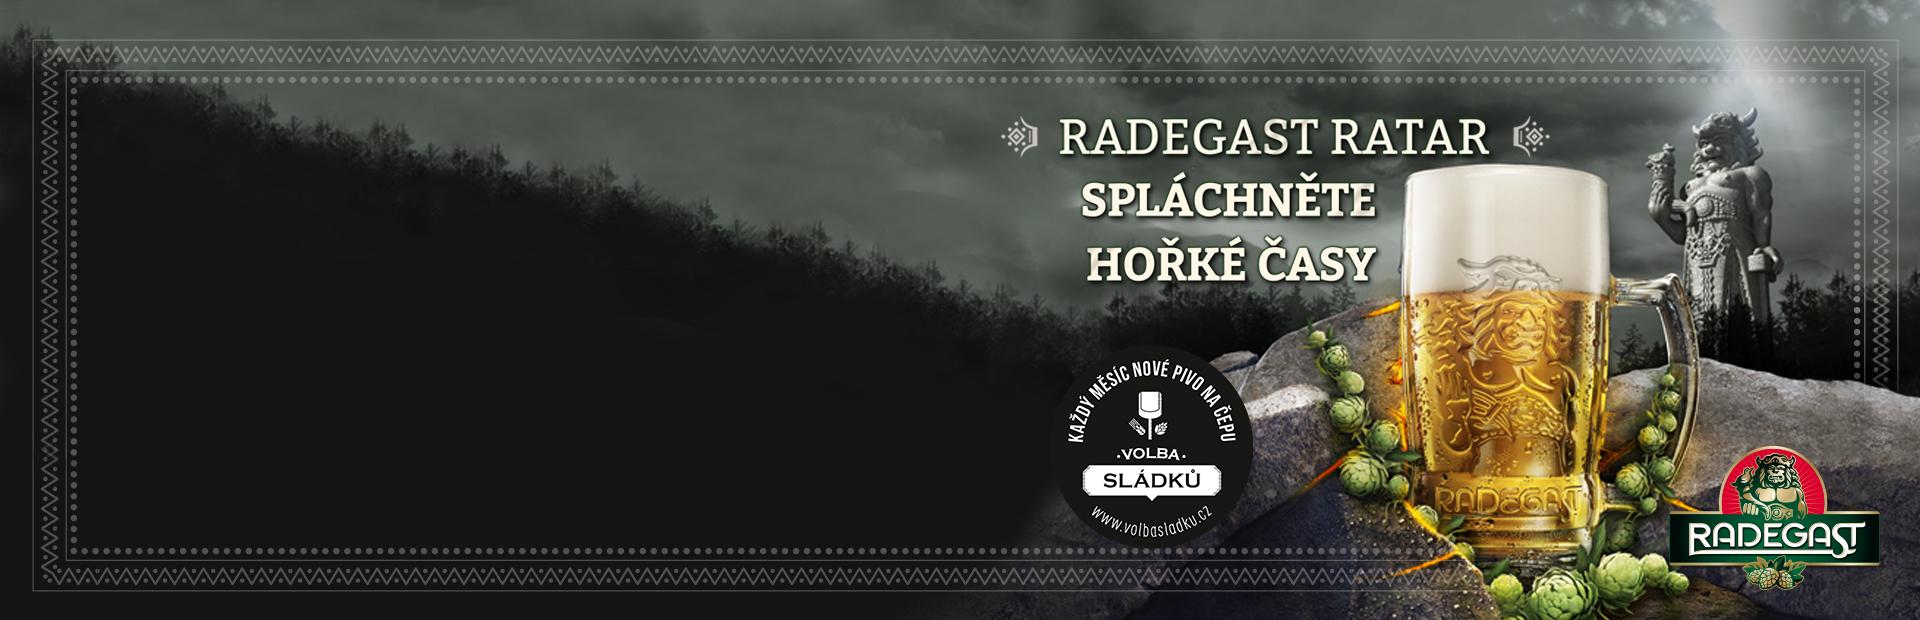 pivovari-pivovary-novinky-volba-sladku-redegast-ratar-06-2020